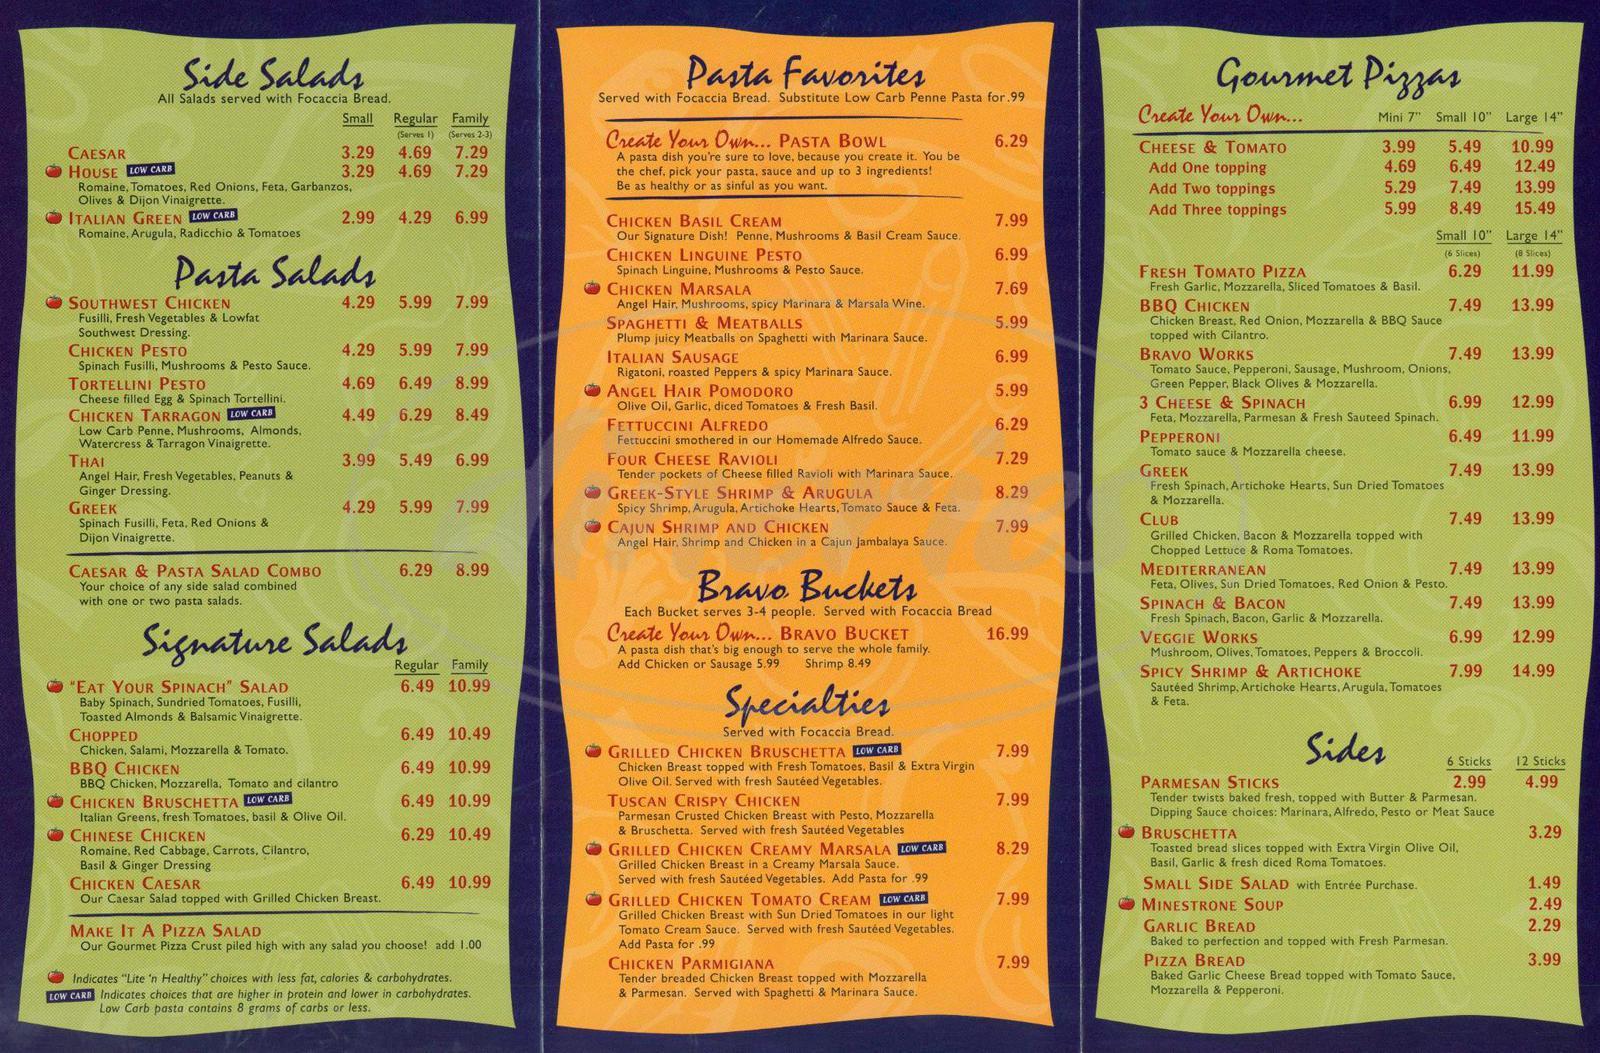 menu for Pasta Bravo